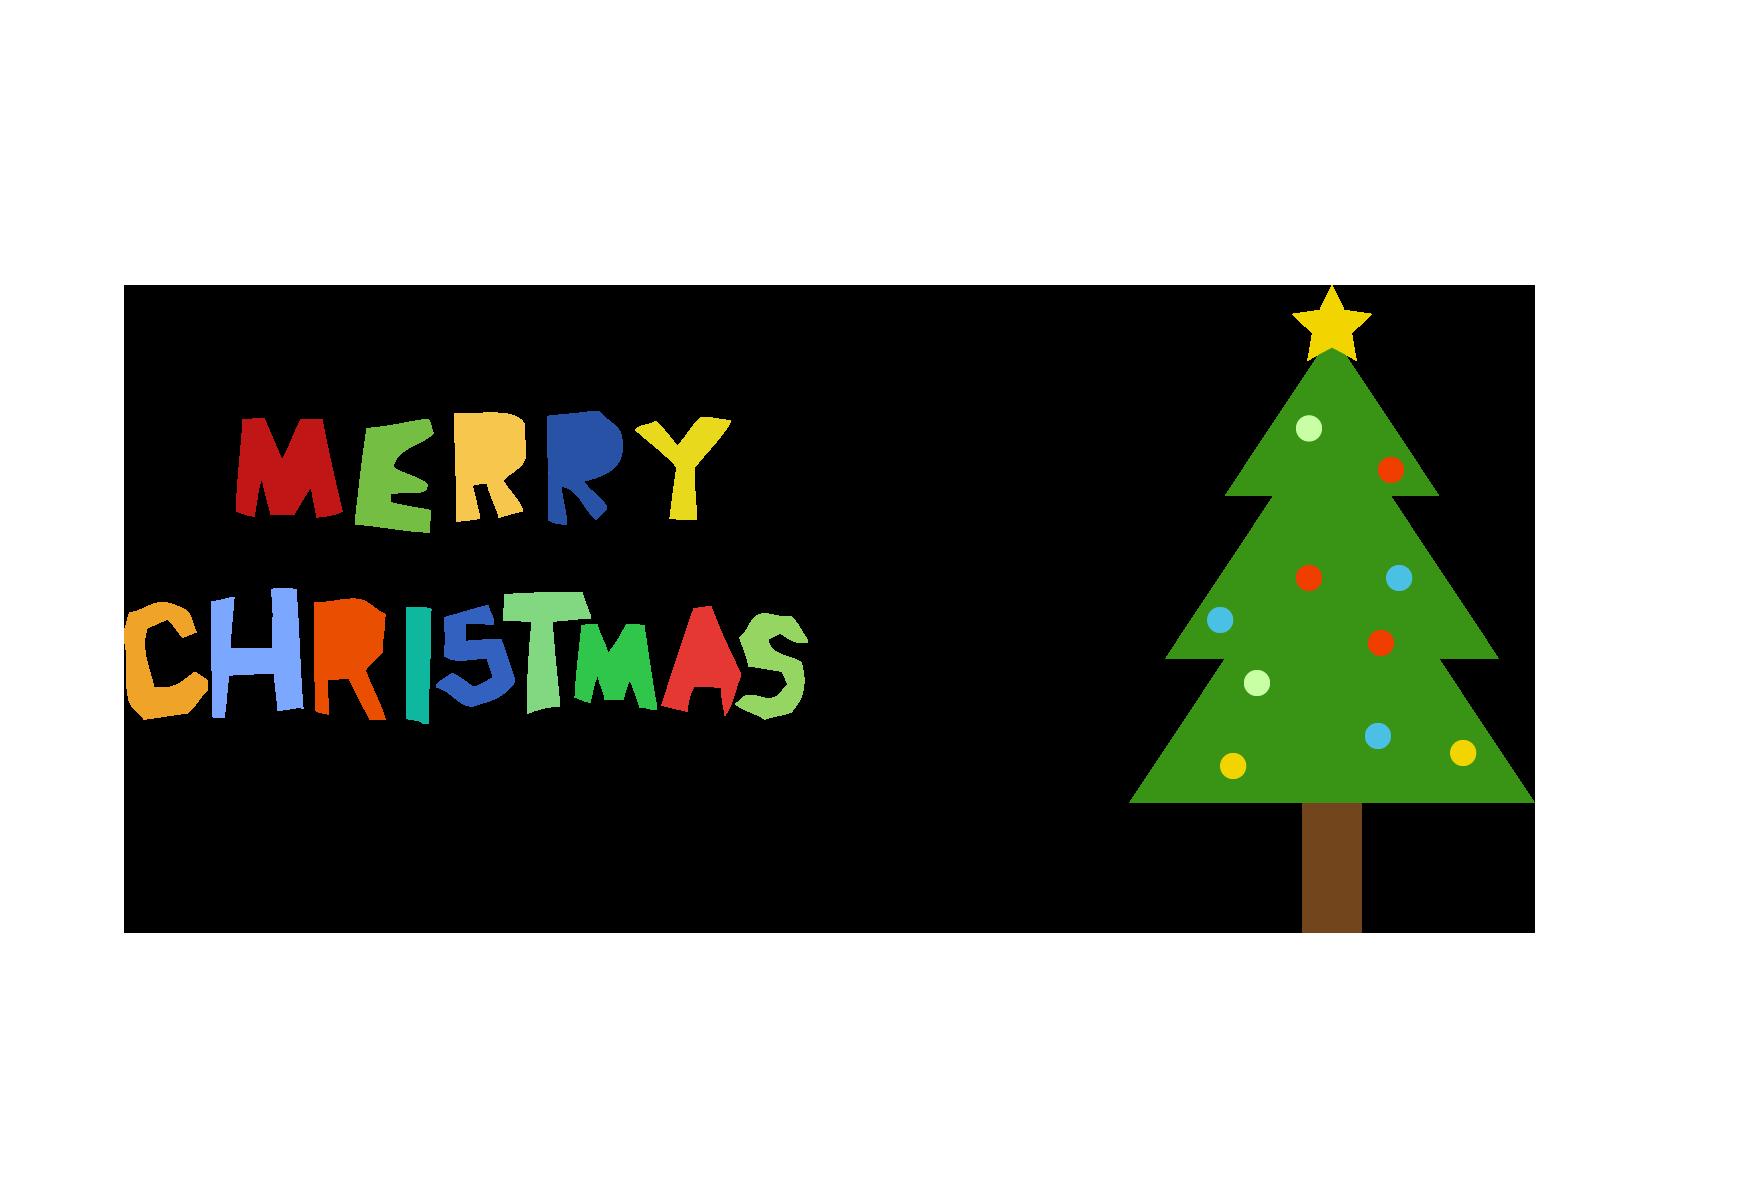 クリスマスカード-シンプルテンプレート(クリスマスツリー) <無料